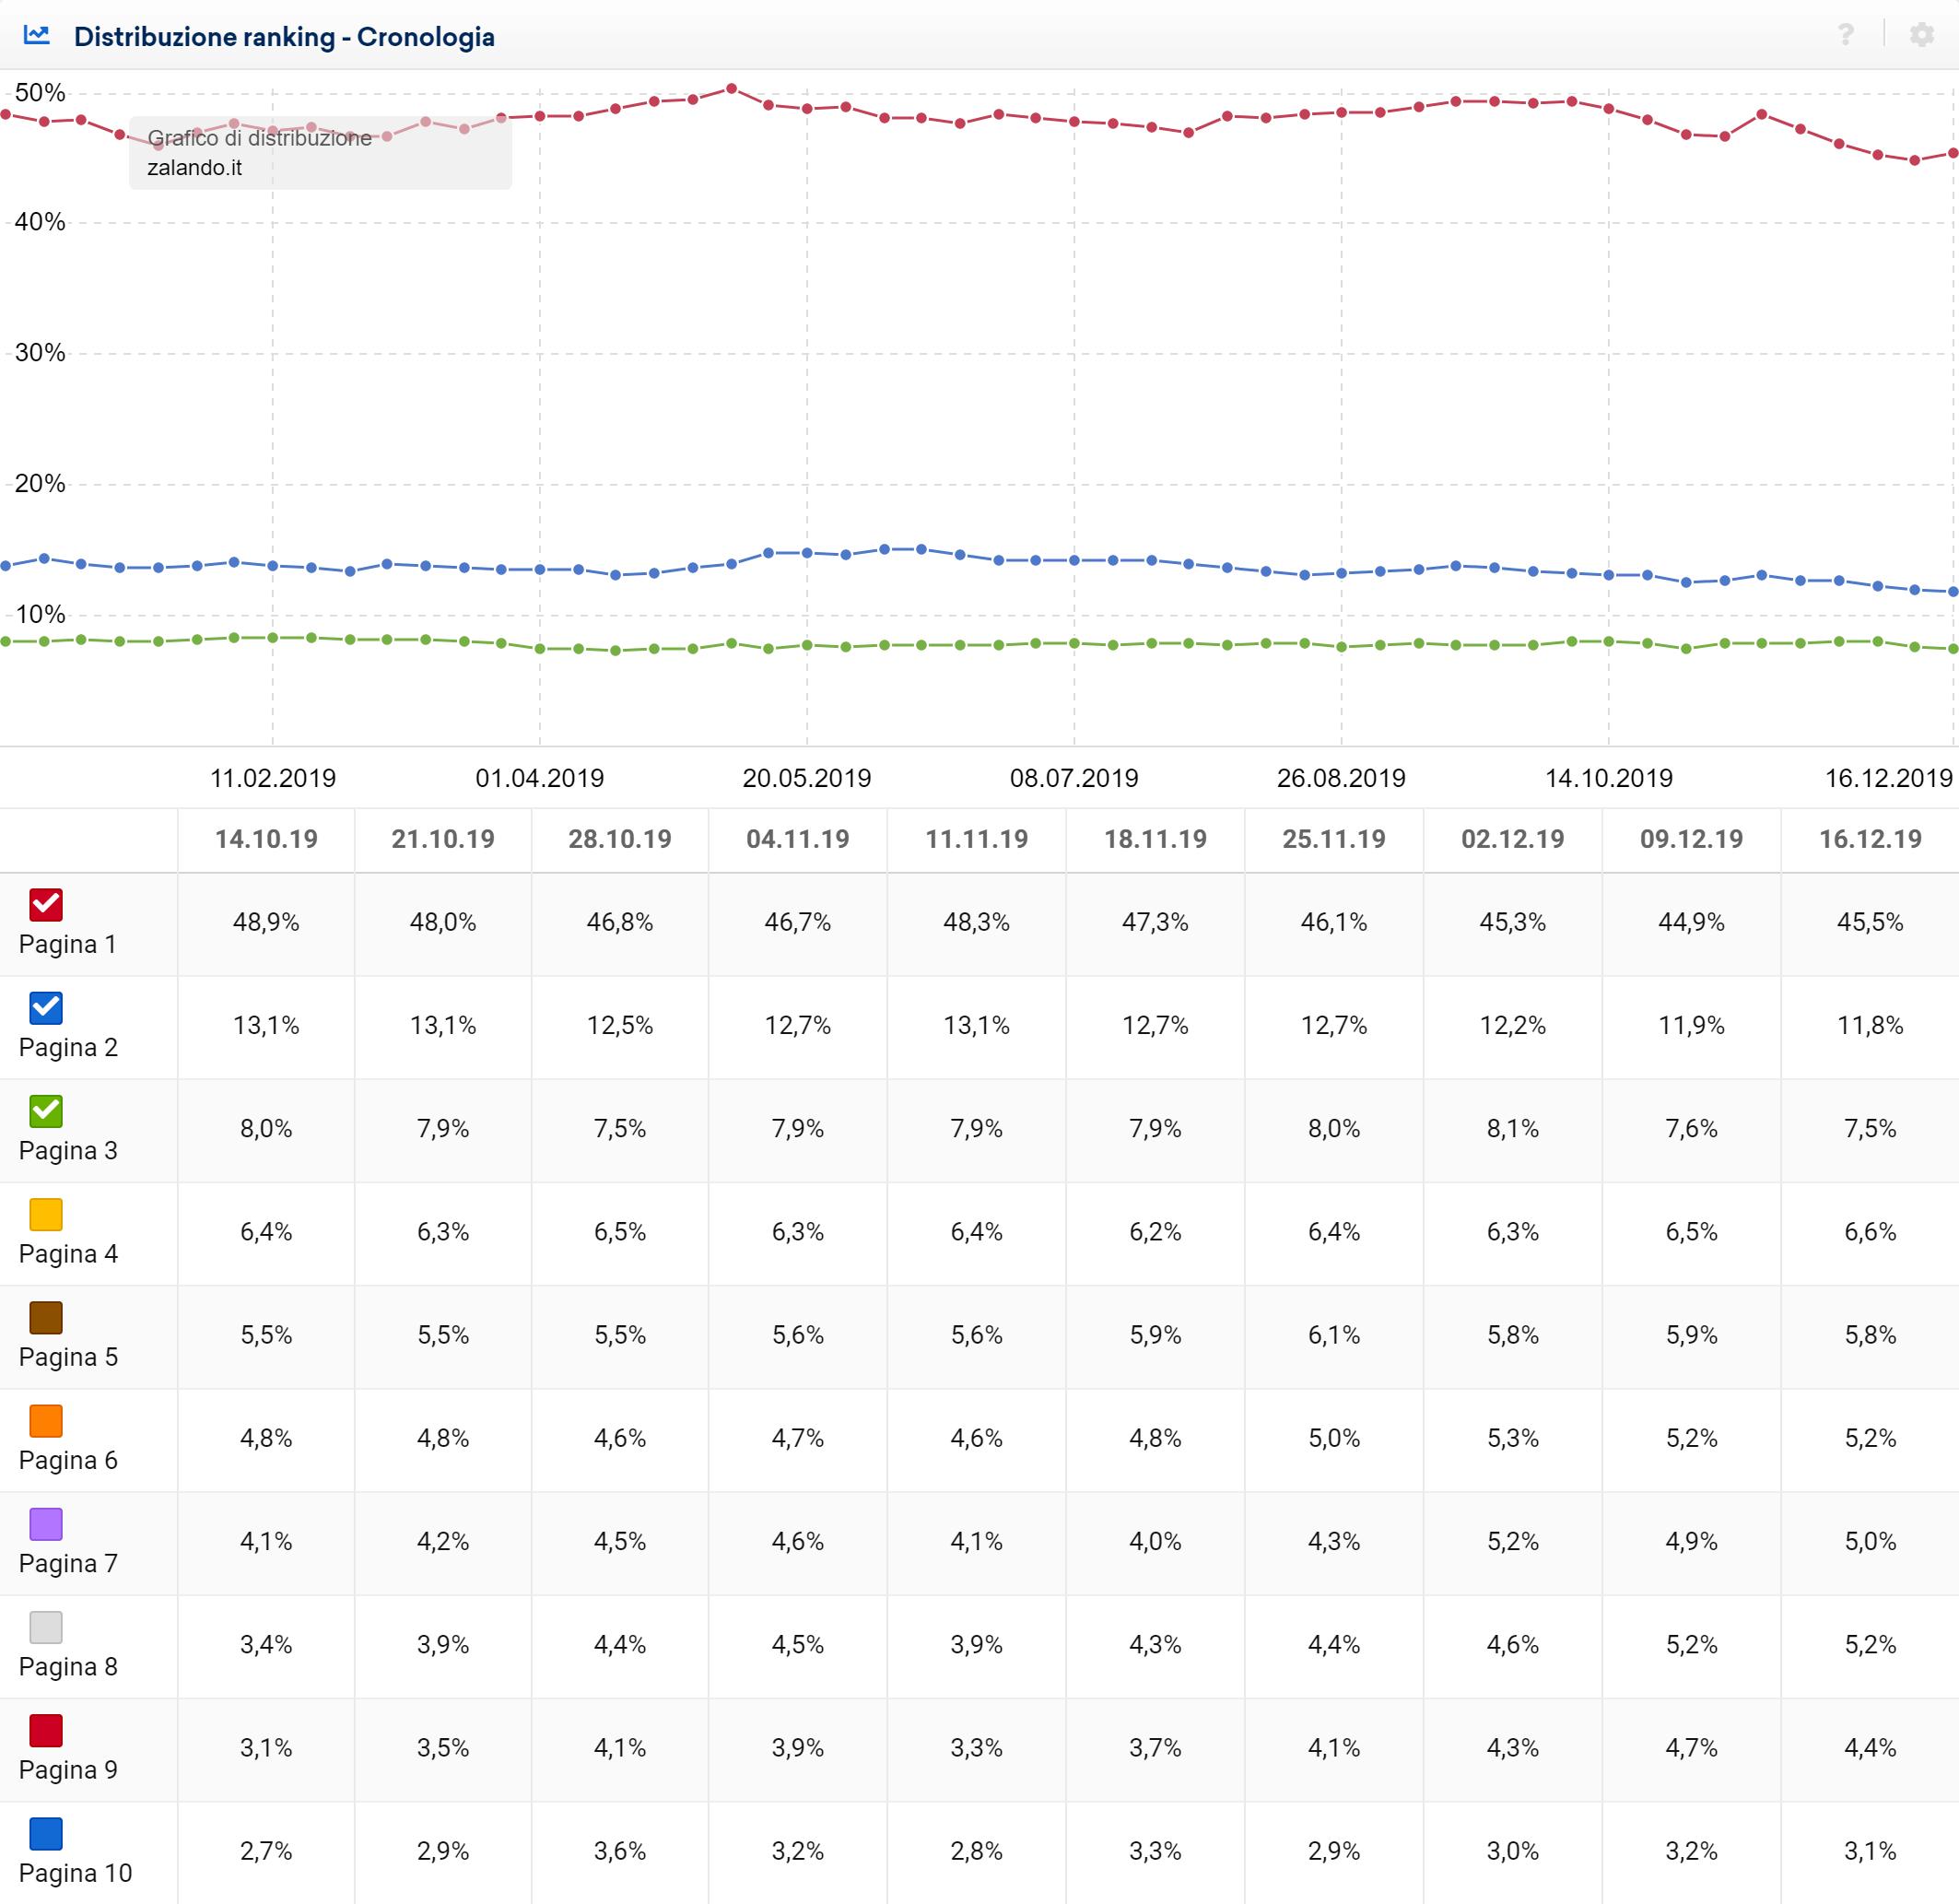 Grafico e tabella della distribuzione del ranking relativi all'ultimo mese - Toolbox SISTRIX